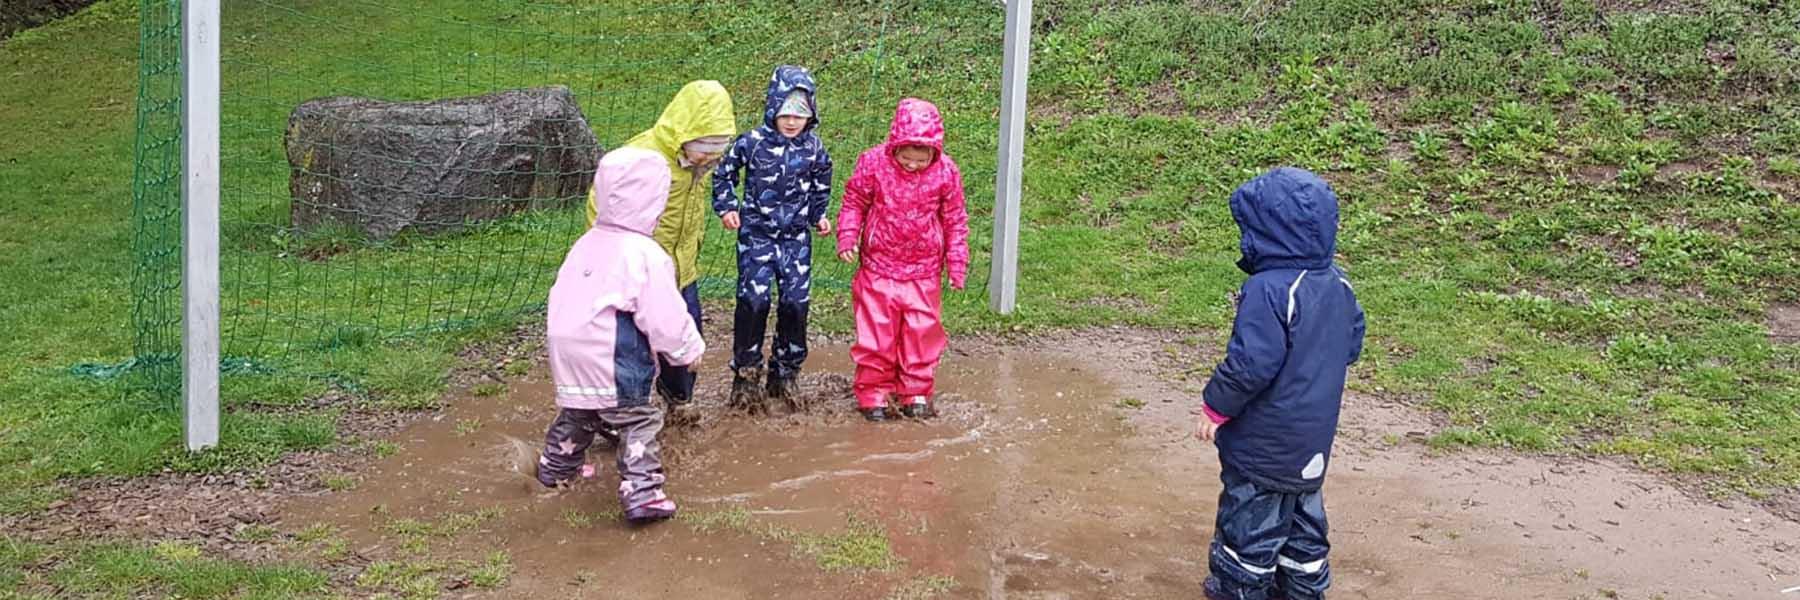 Spielen auch bei Regen